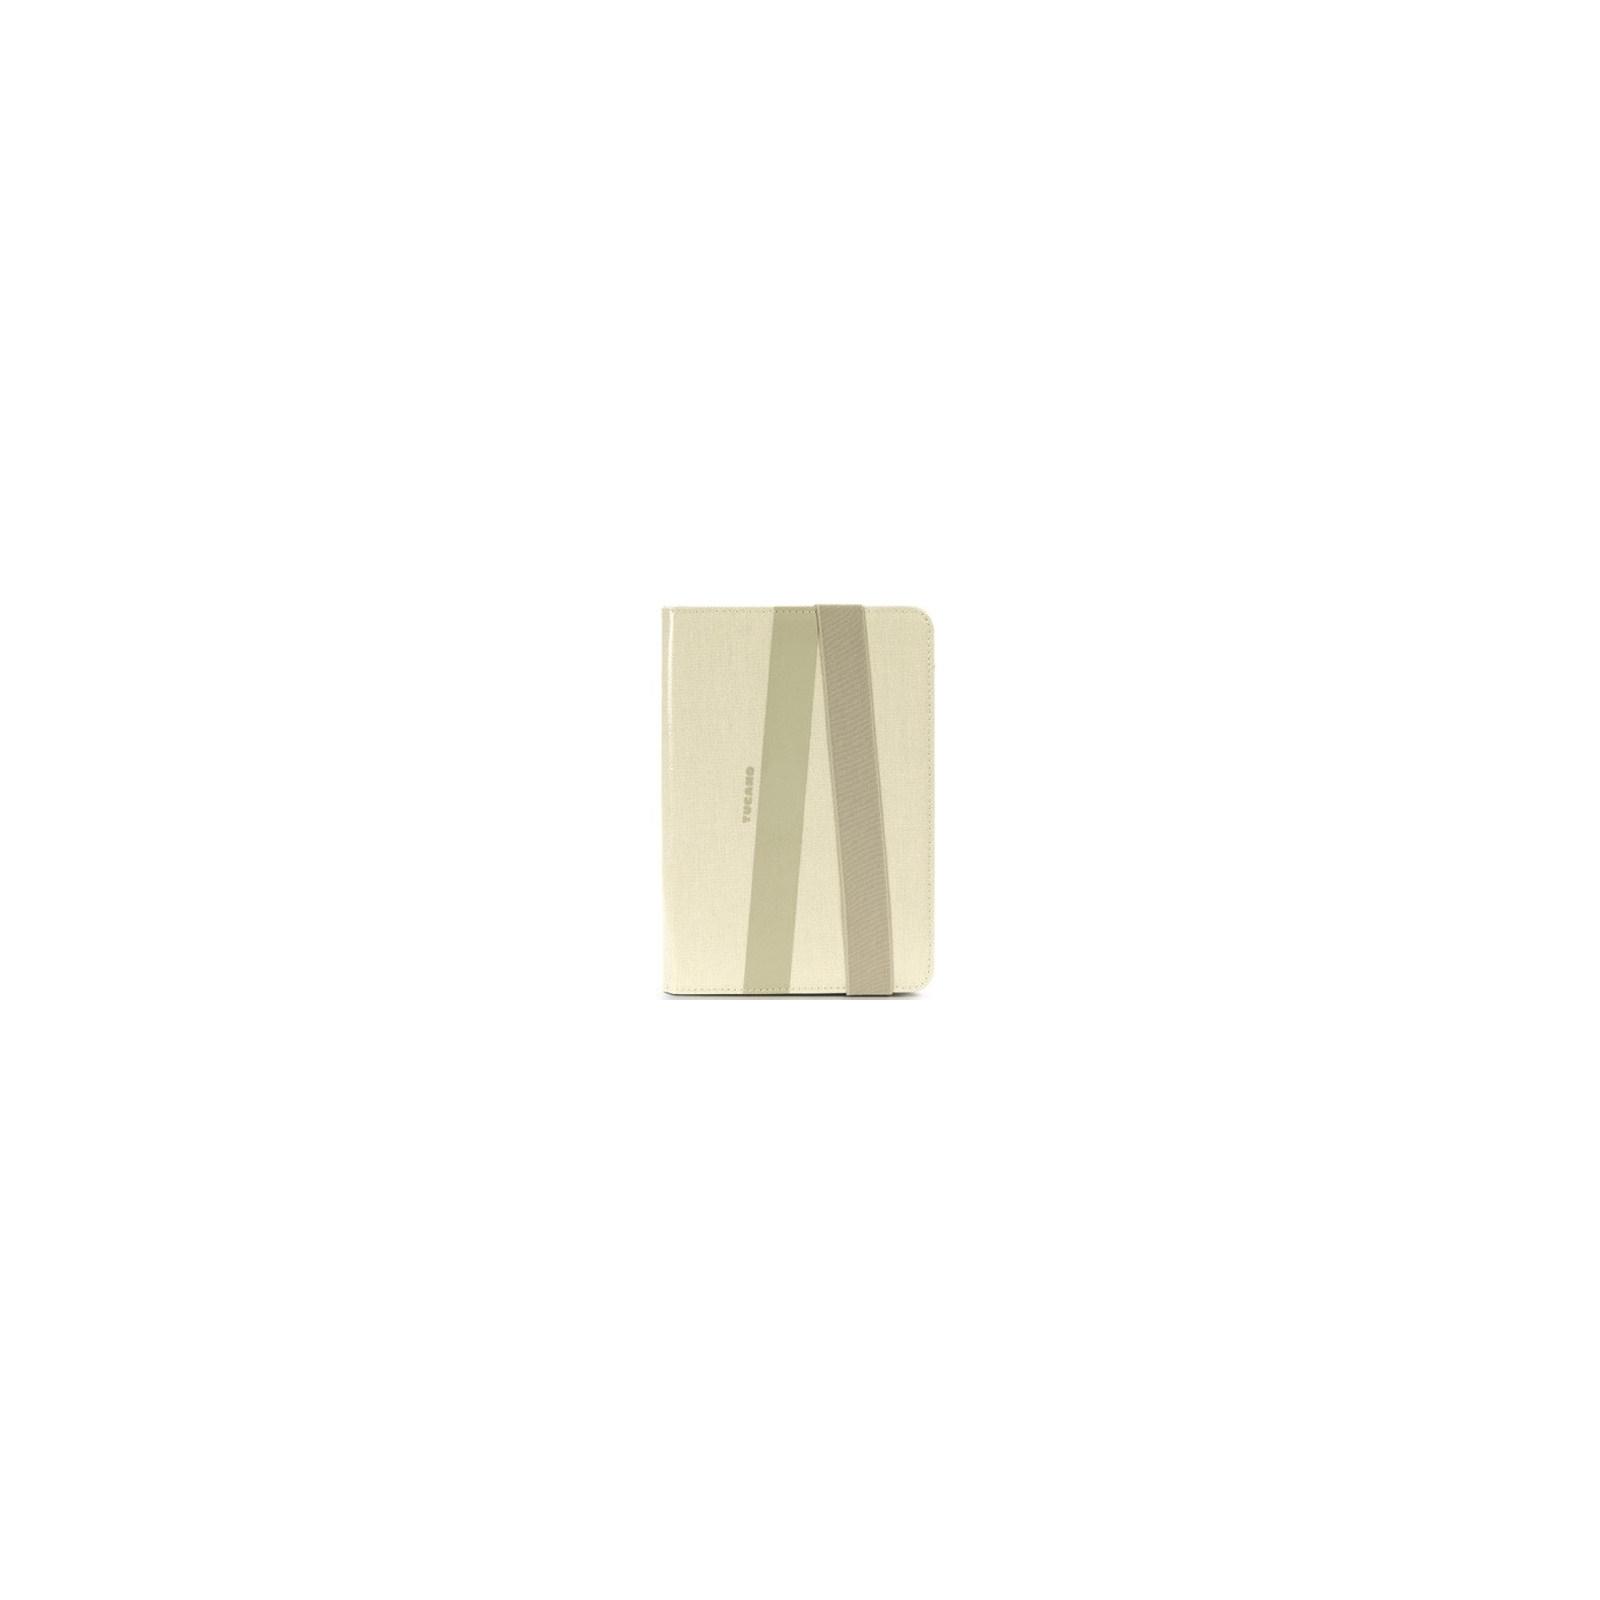 Чехол для планшета Tucano iPad mini Agenda Ice white (IPDMAG-I)